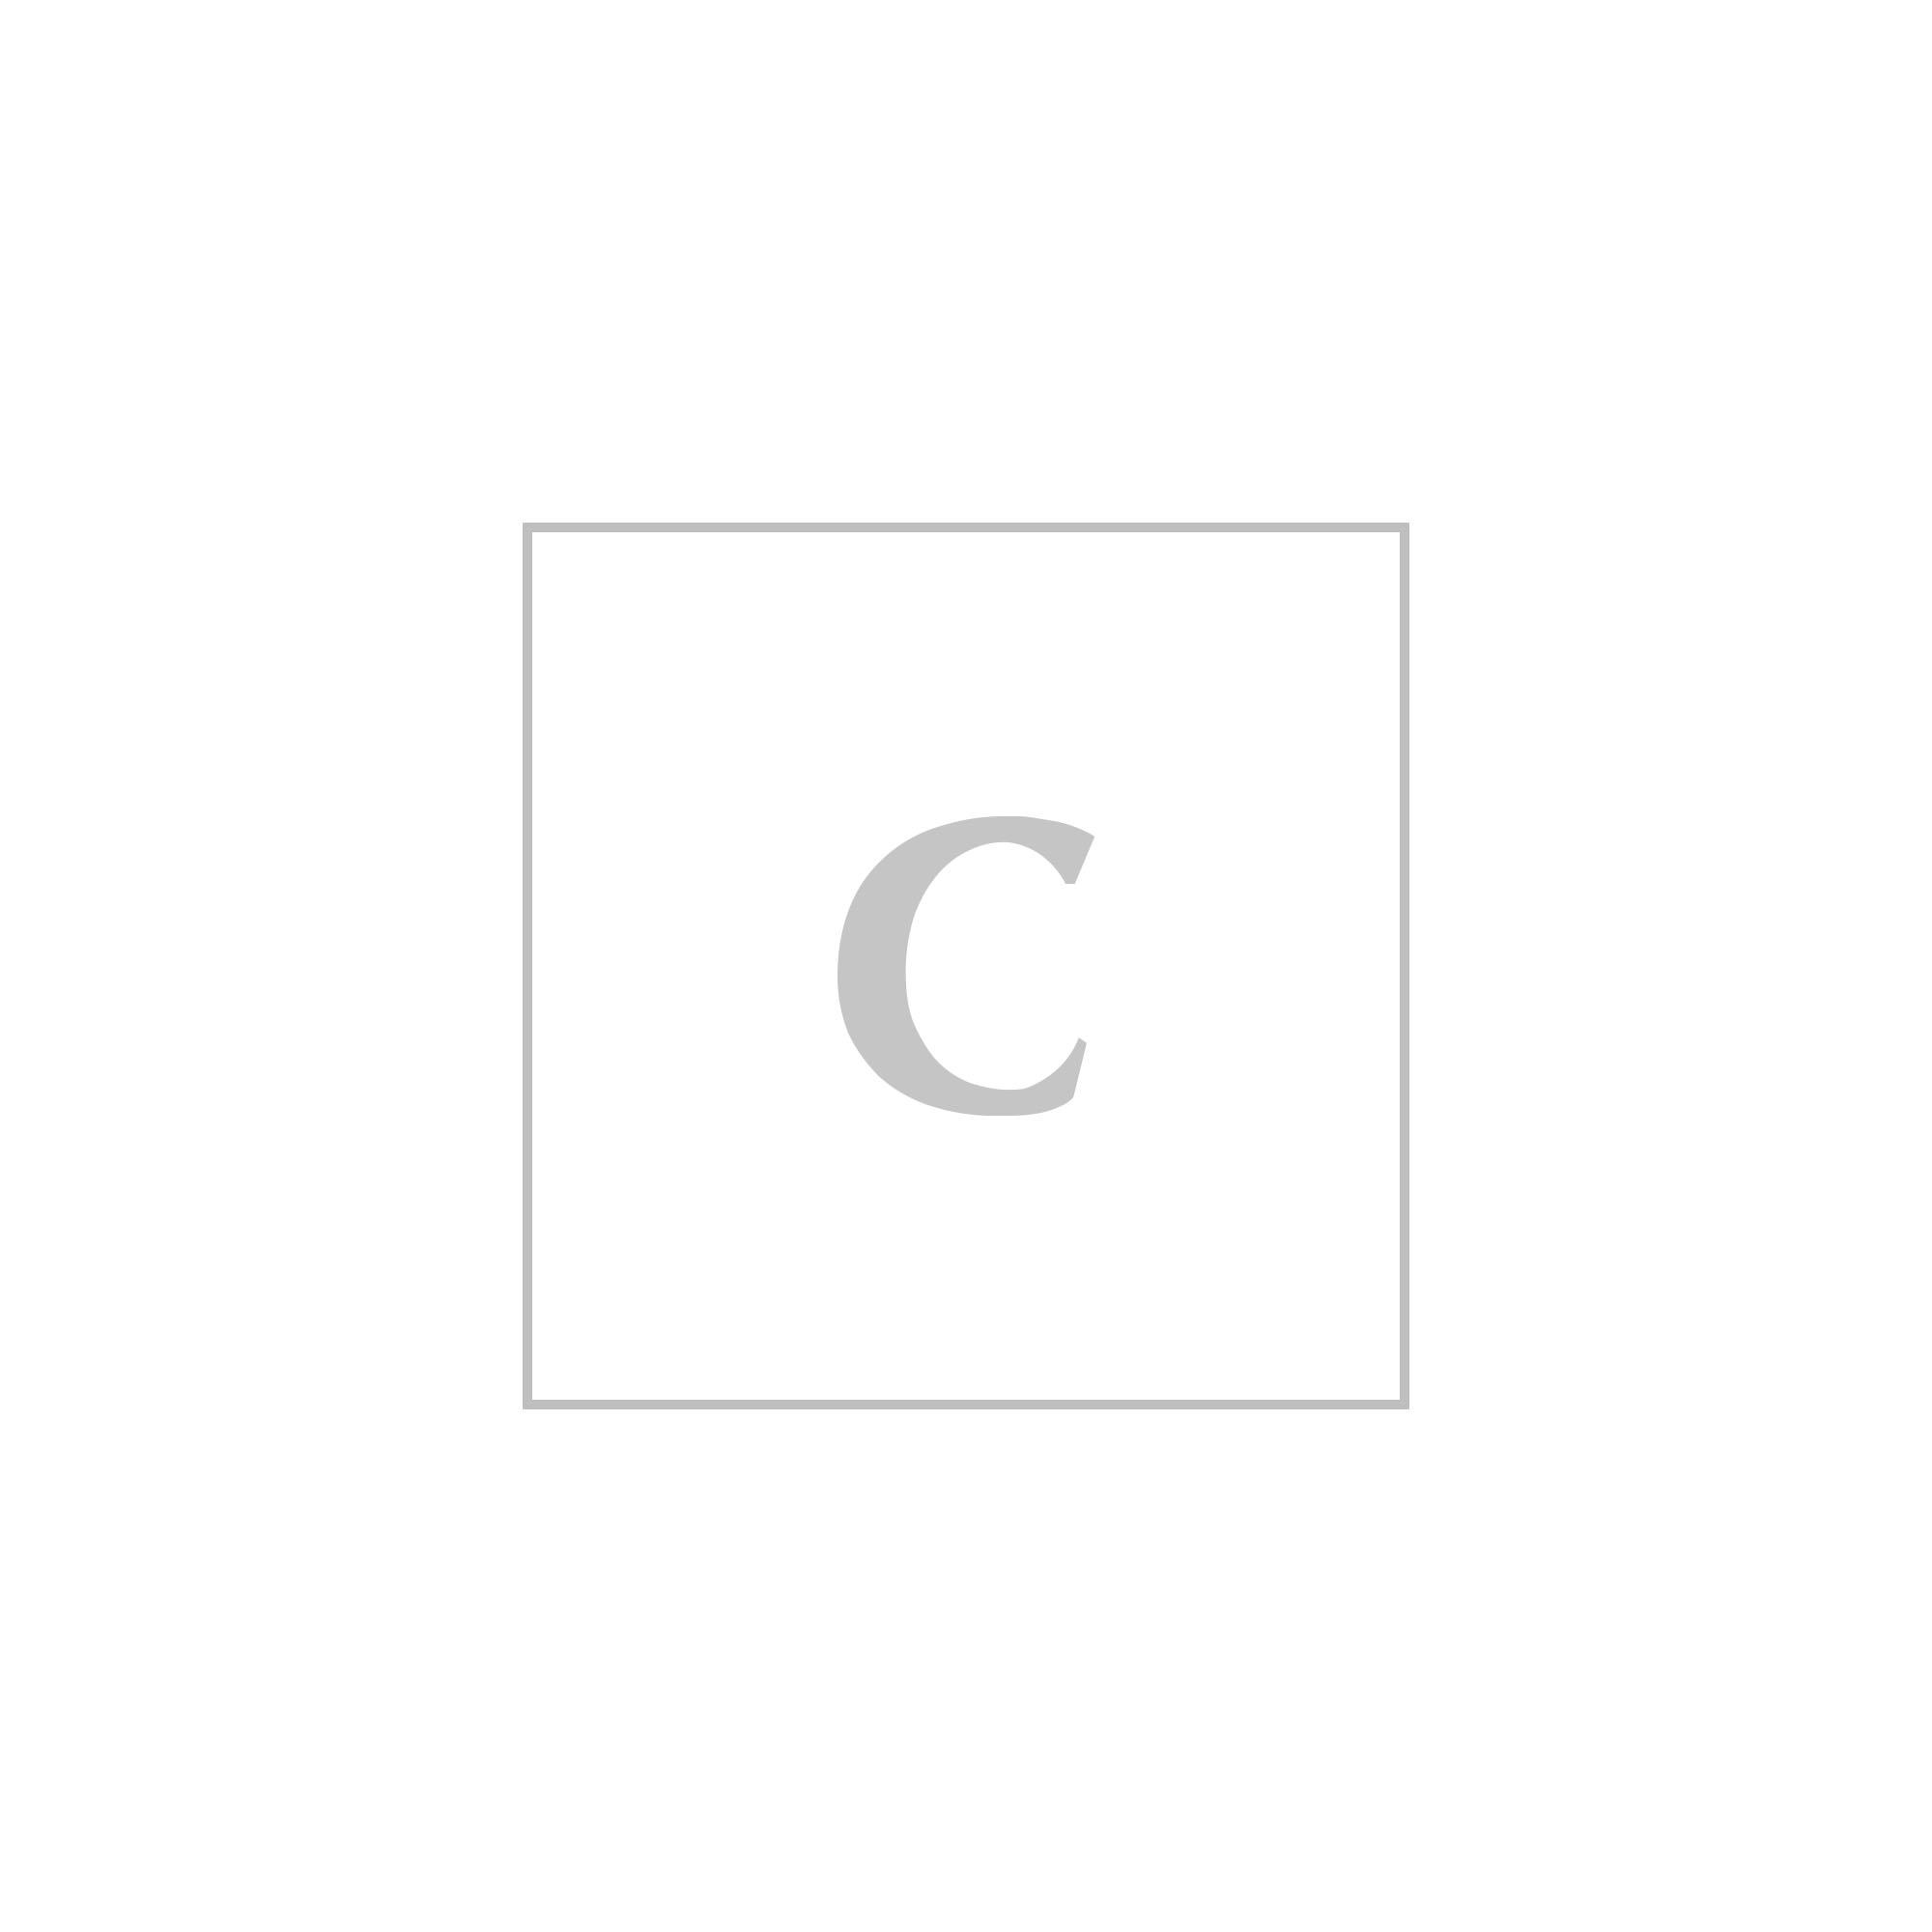 Saint laurent ysl monogram envelope con catena grain de poudre